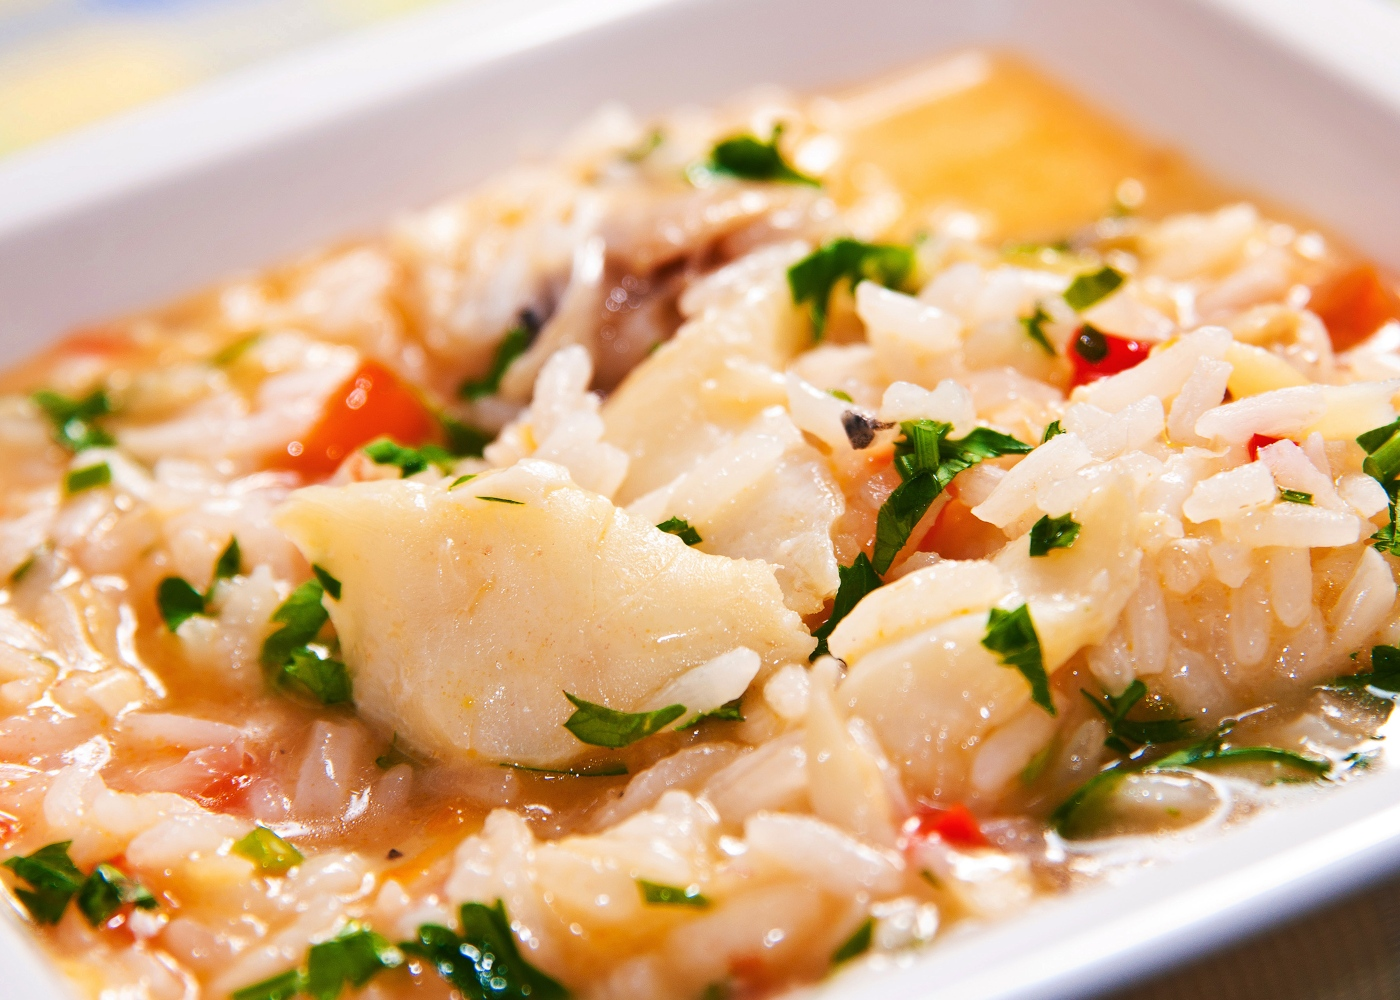 receitas saudáveis para quarentena: arroz de pescada